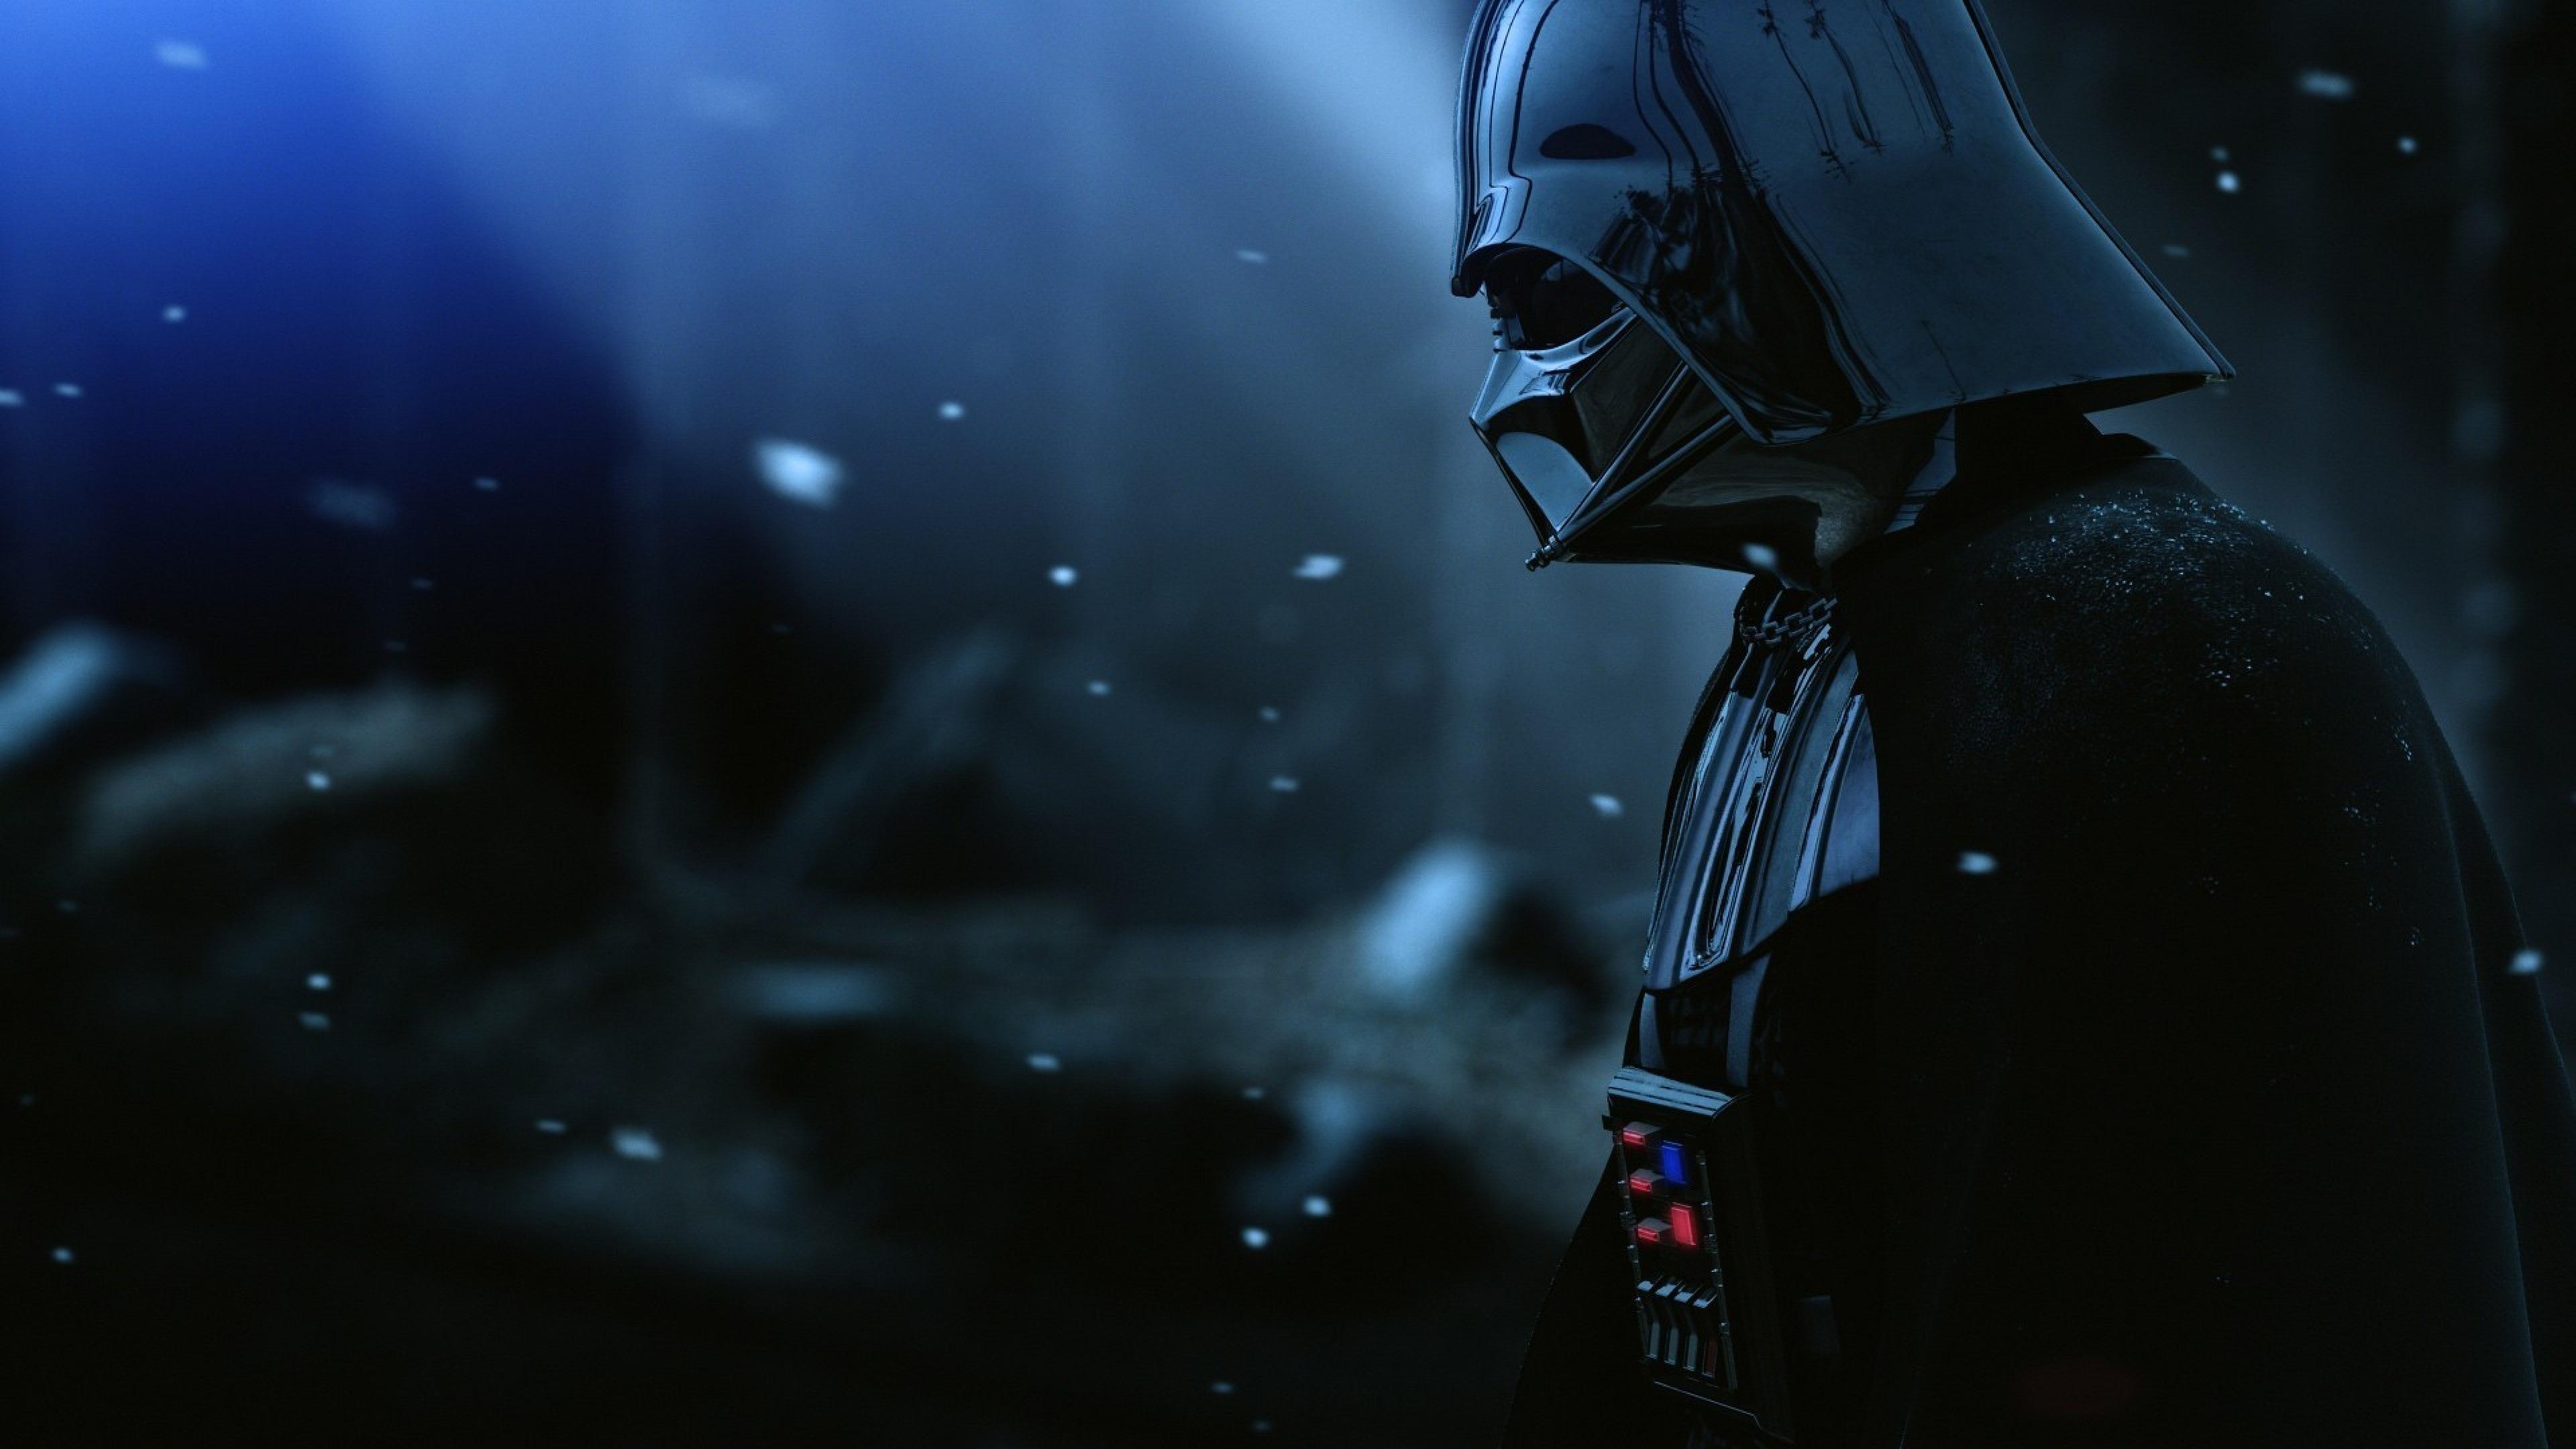 Star Wars Ultrawide Wallpaper: 4K Ultra Wide Wallpapers